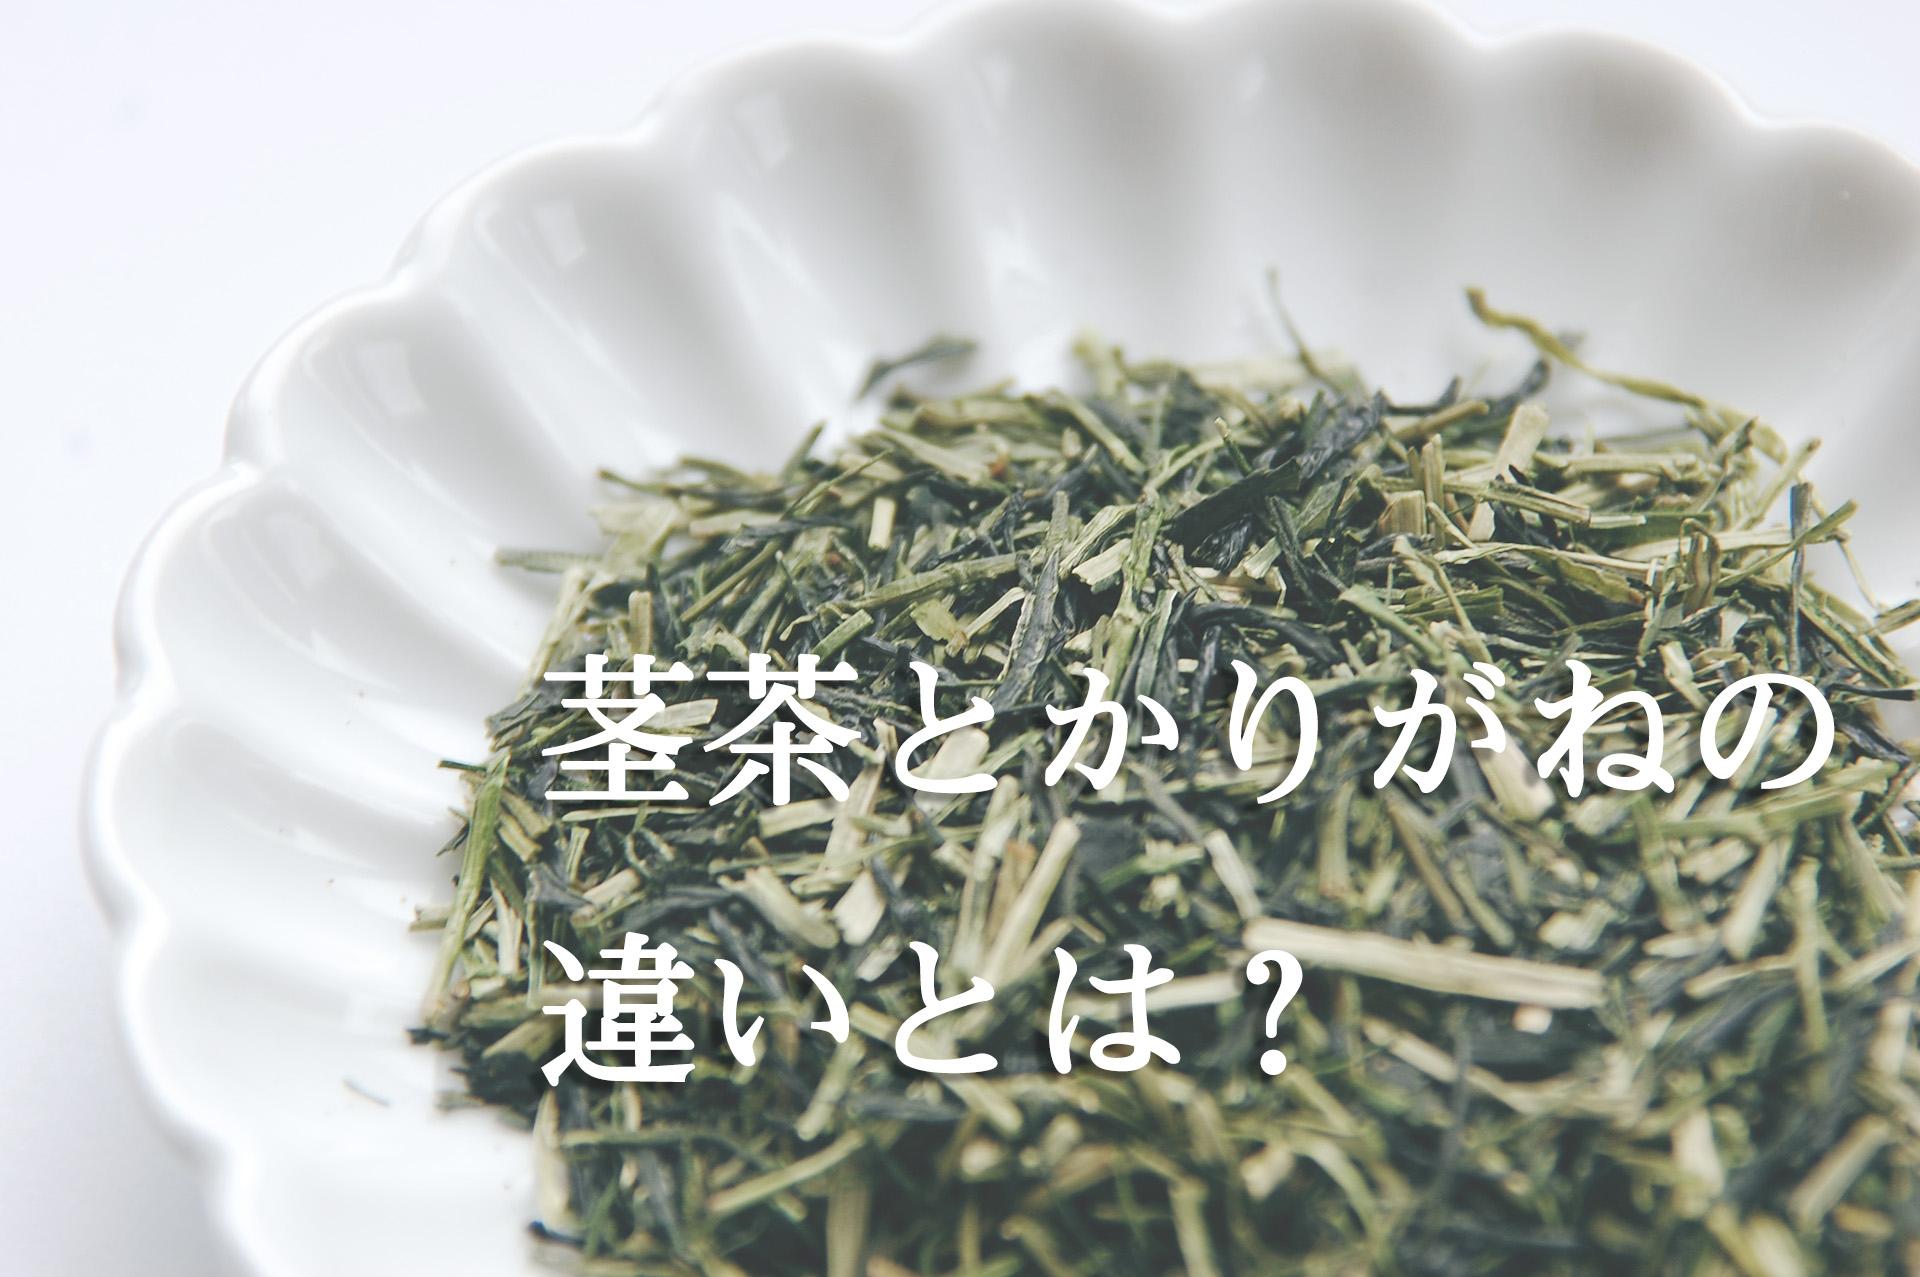 茎茶とかりがねの違いとは?